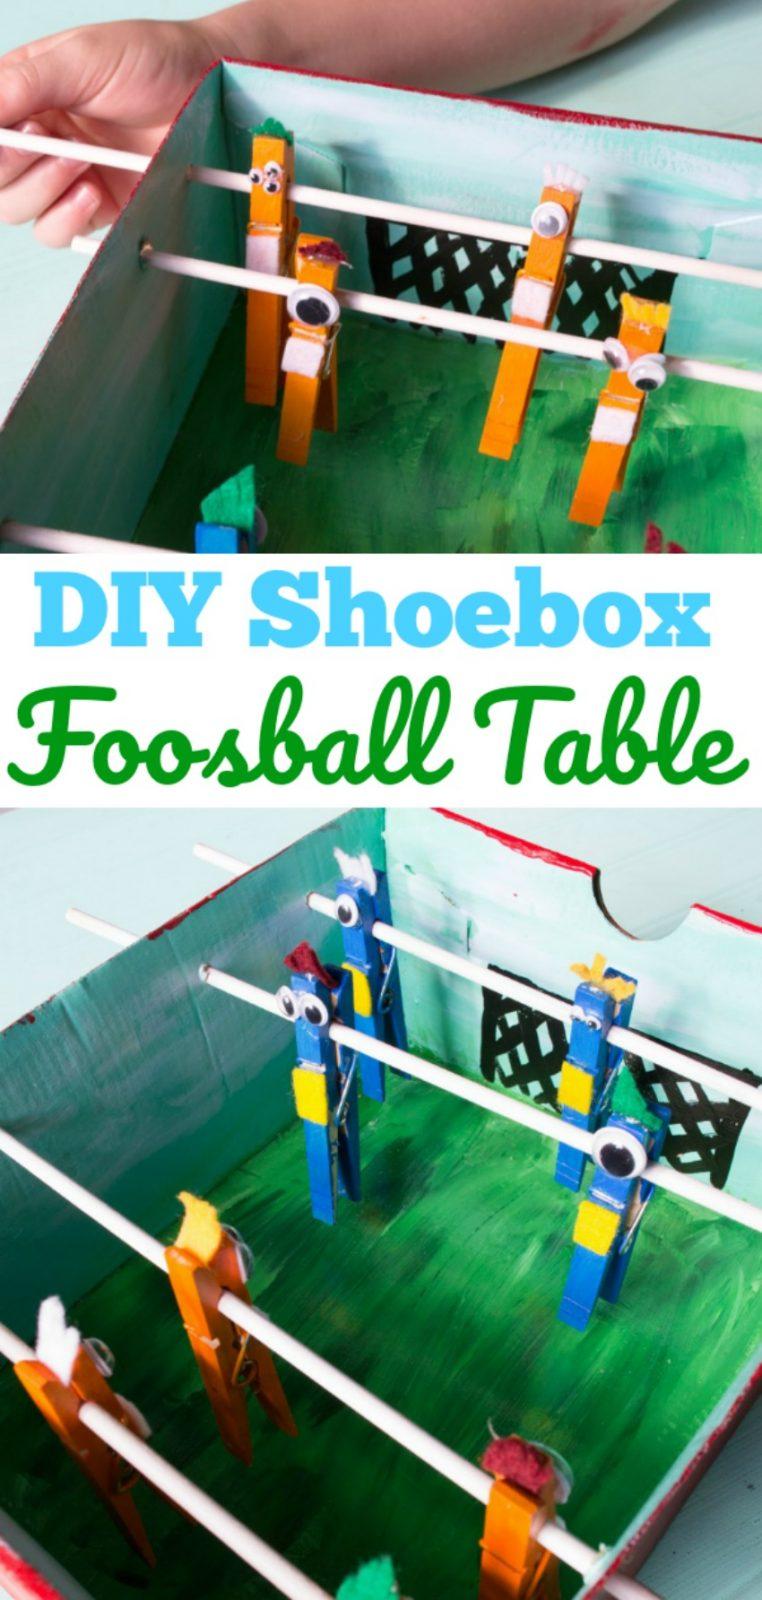 DIY Shoebox Foosball Table